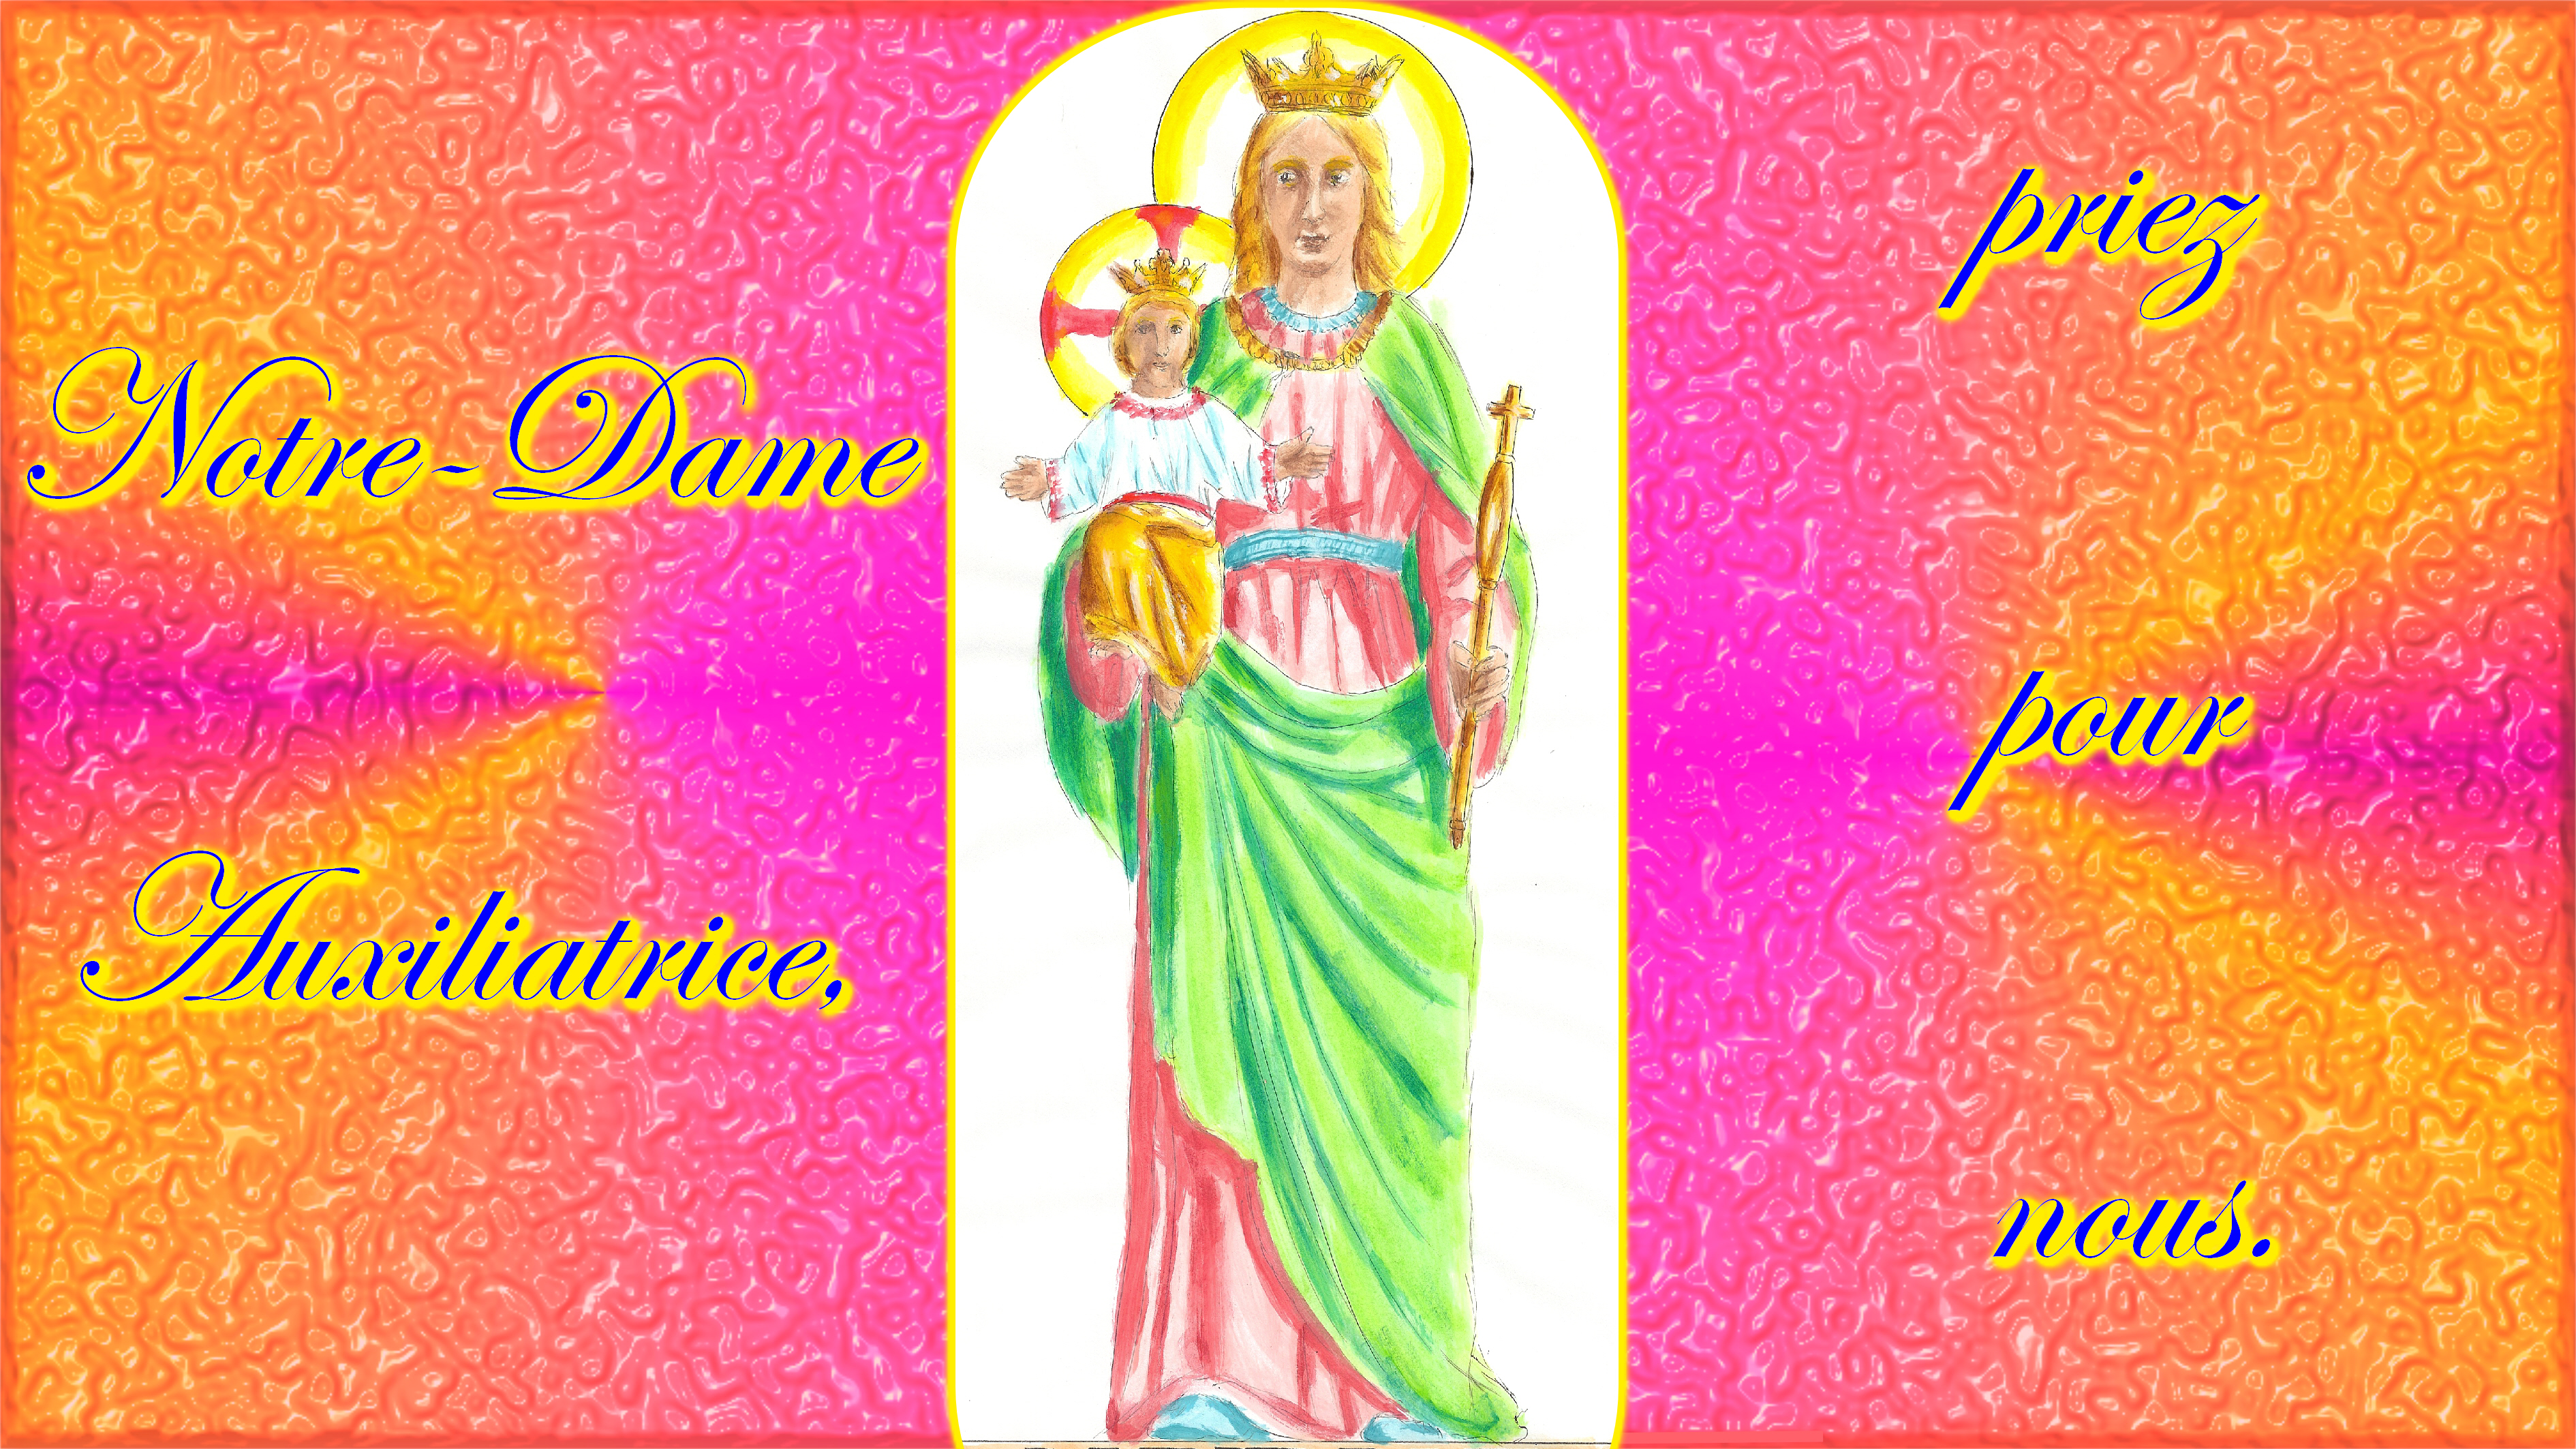 CALENDRIER CATHOLIQUE 2020 (Cantiques, Prières & Images) - Page 15 Notre-dame-auxiliatrice-55cd100